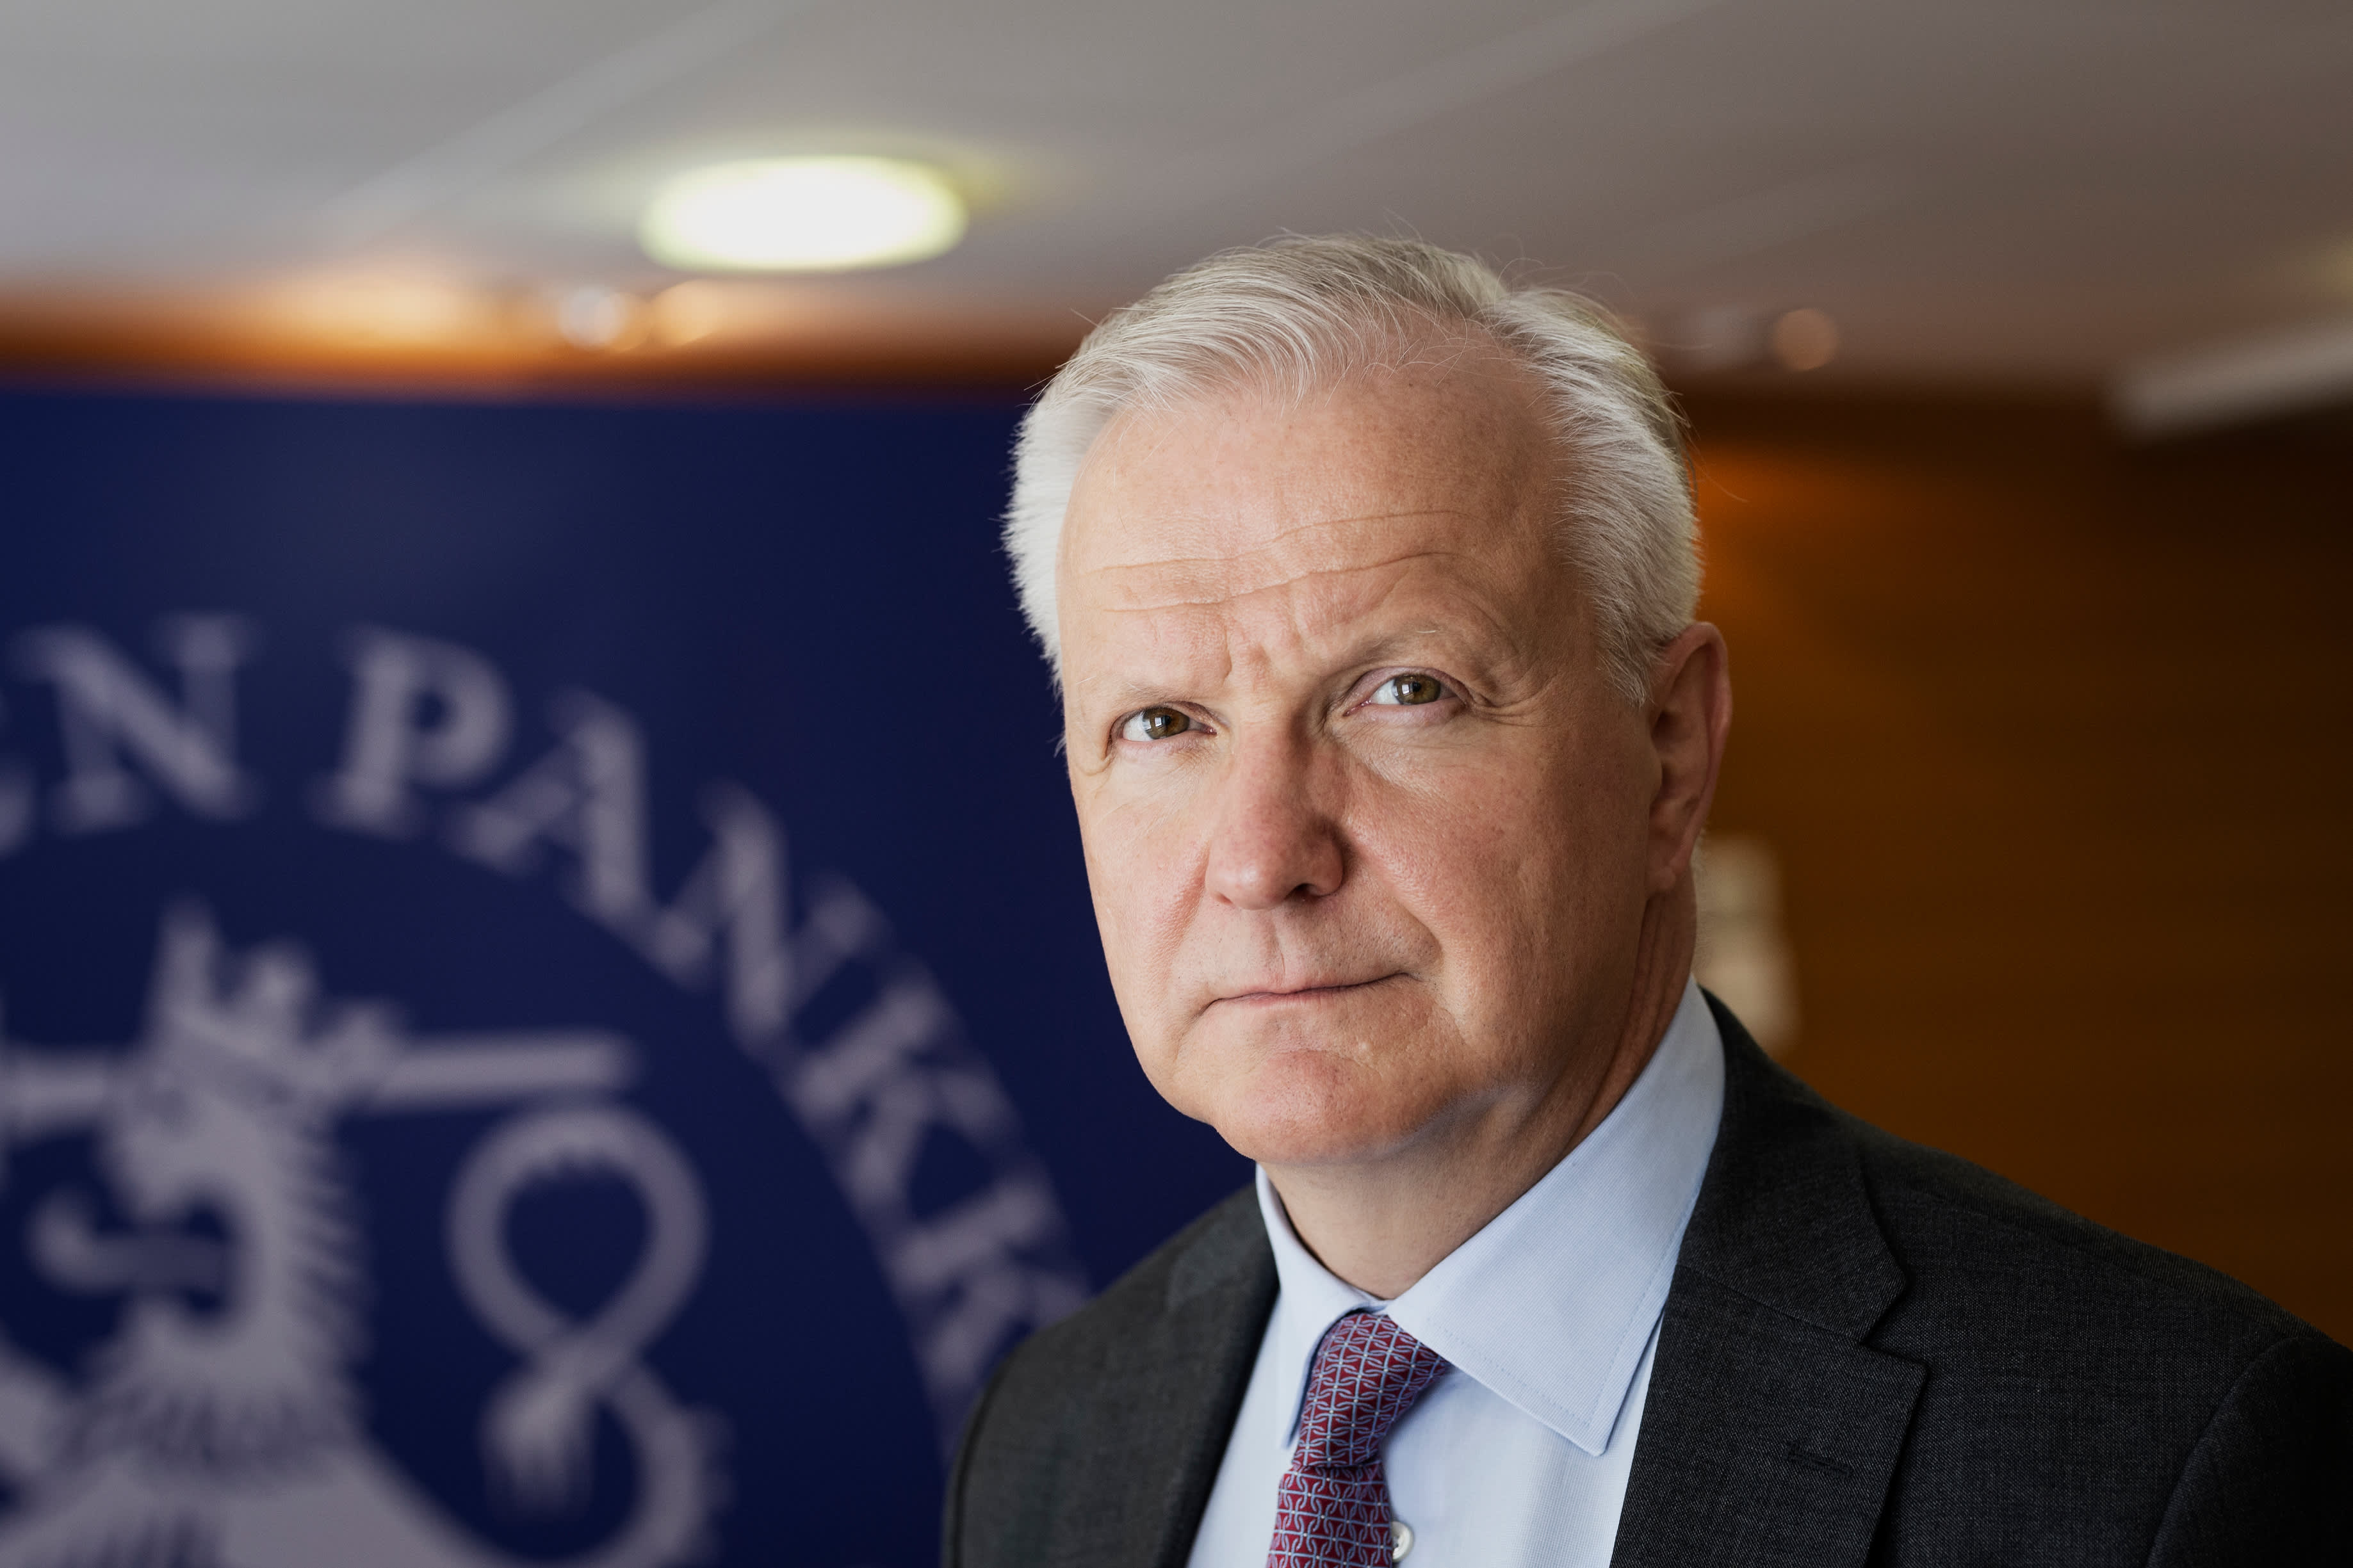 Suomen Pankin pääjohtaja Olli Rehn